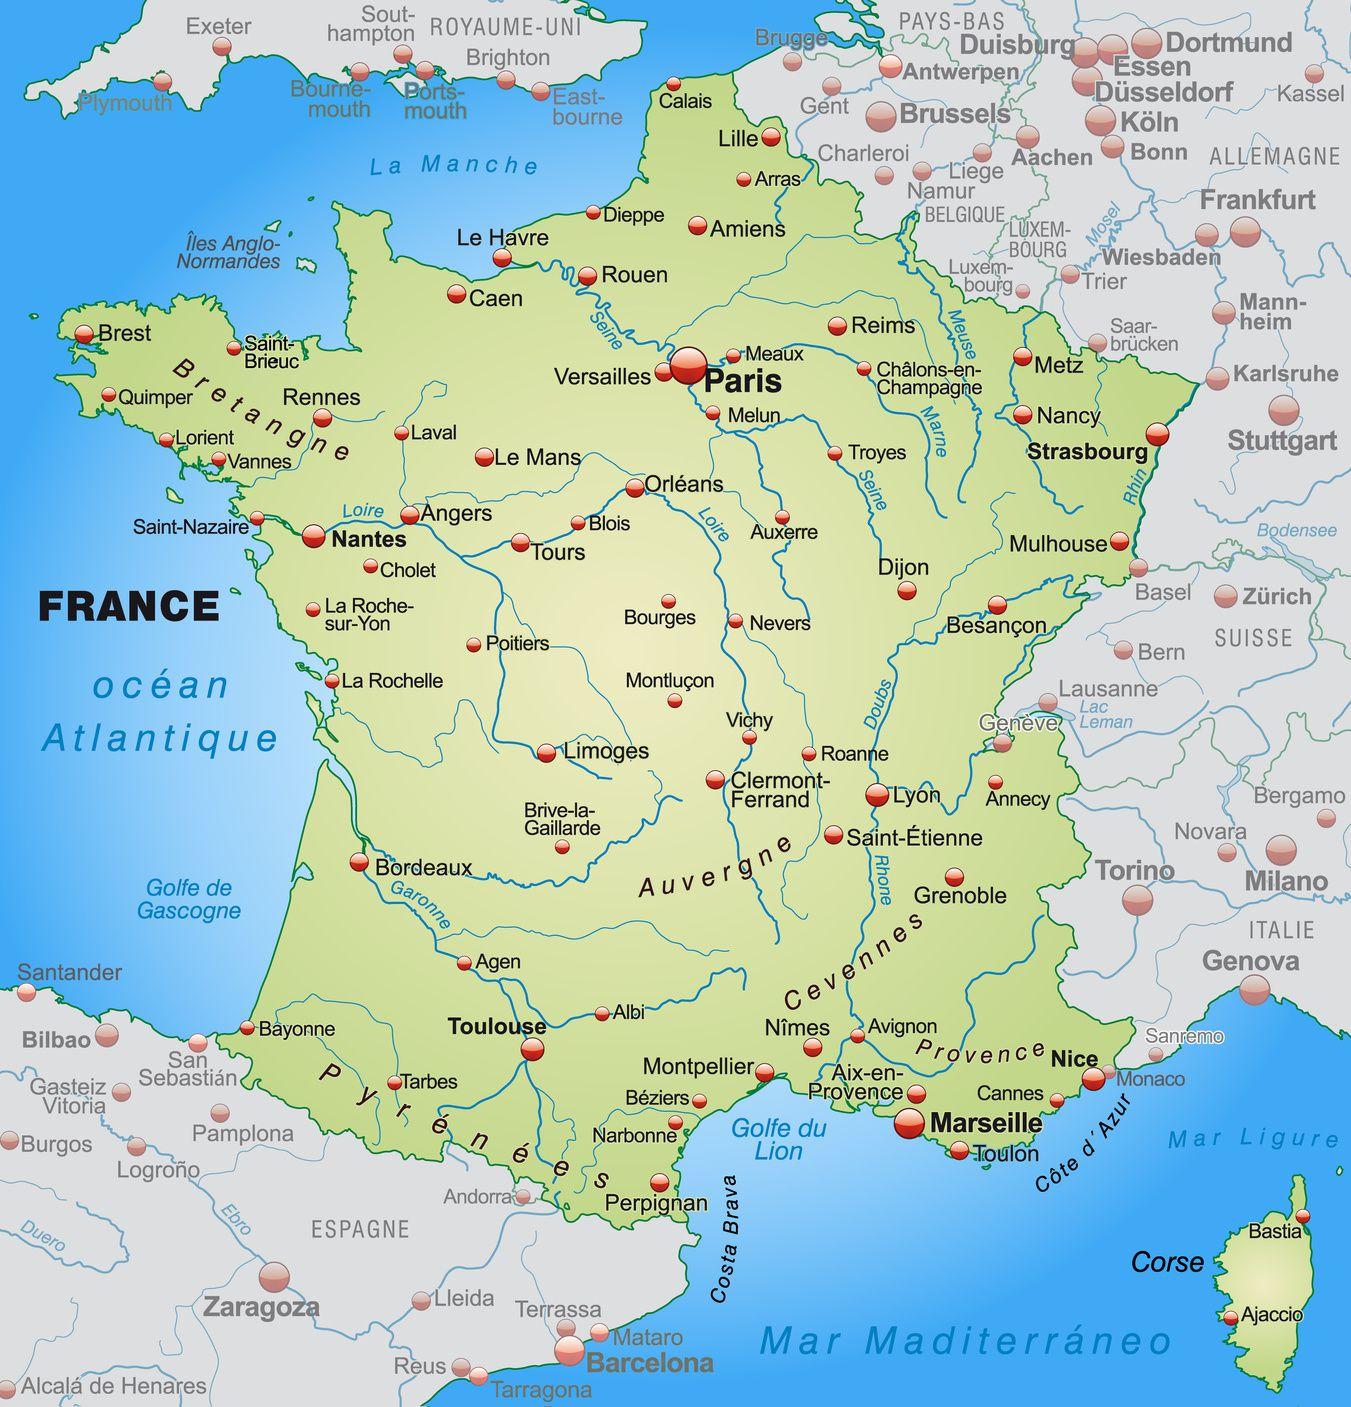 Carte Des Villes De France - Les Plus Grandes Villes Du Pays encequiconcerne Carte De France Avec Les Villes